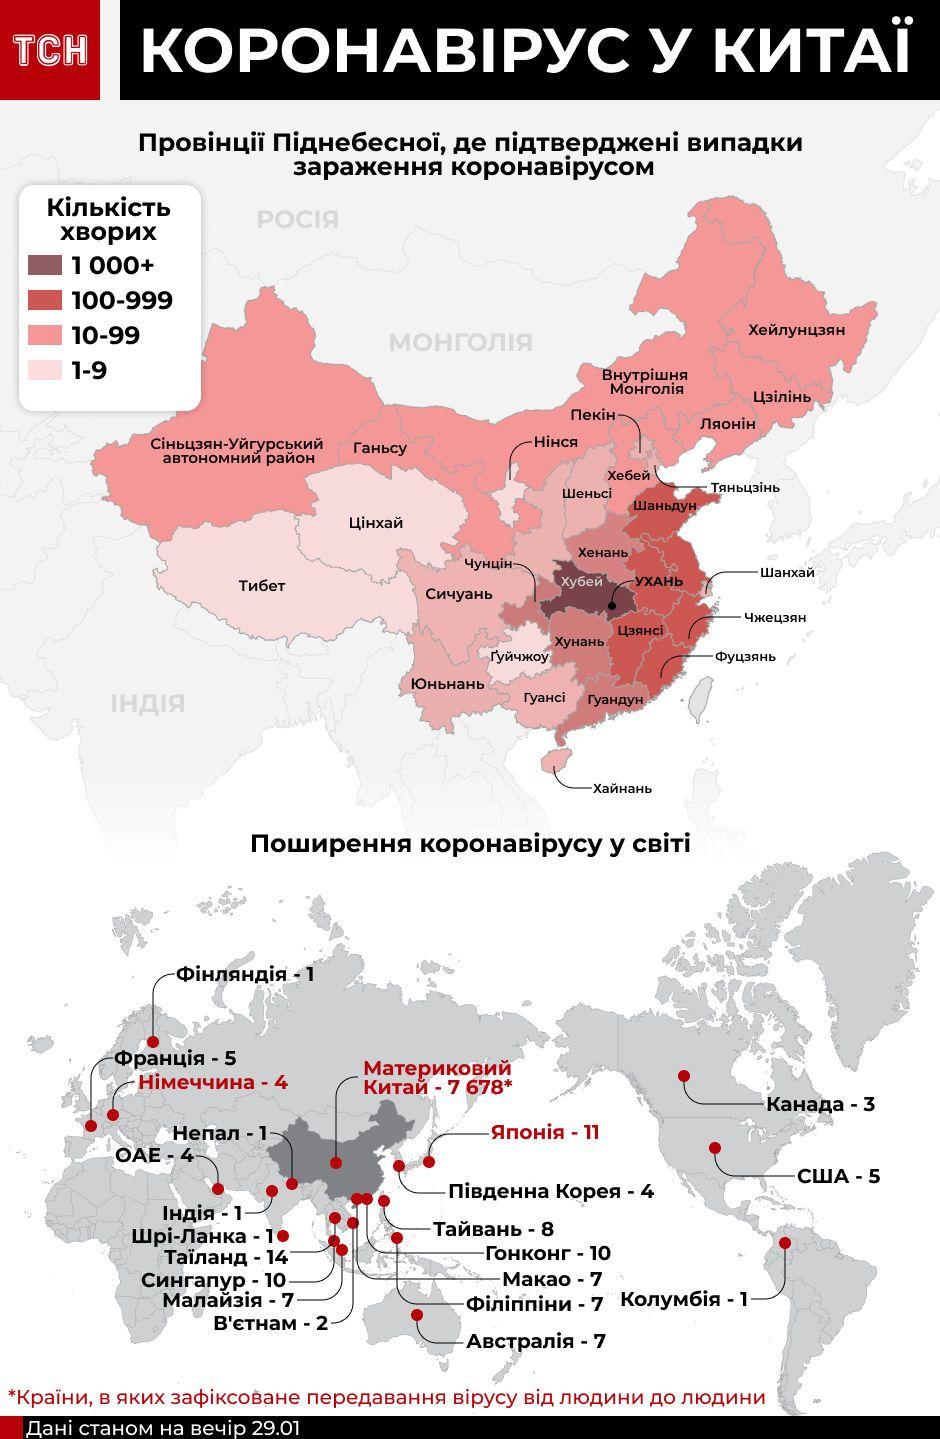 Поширення у світі китайського коронавірсу станом на 30 січня